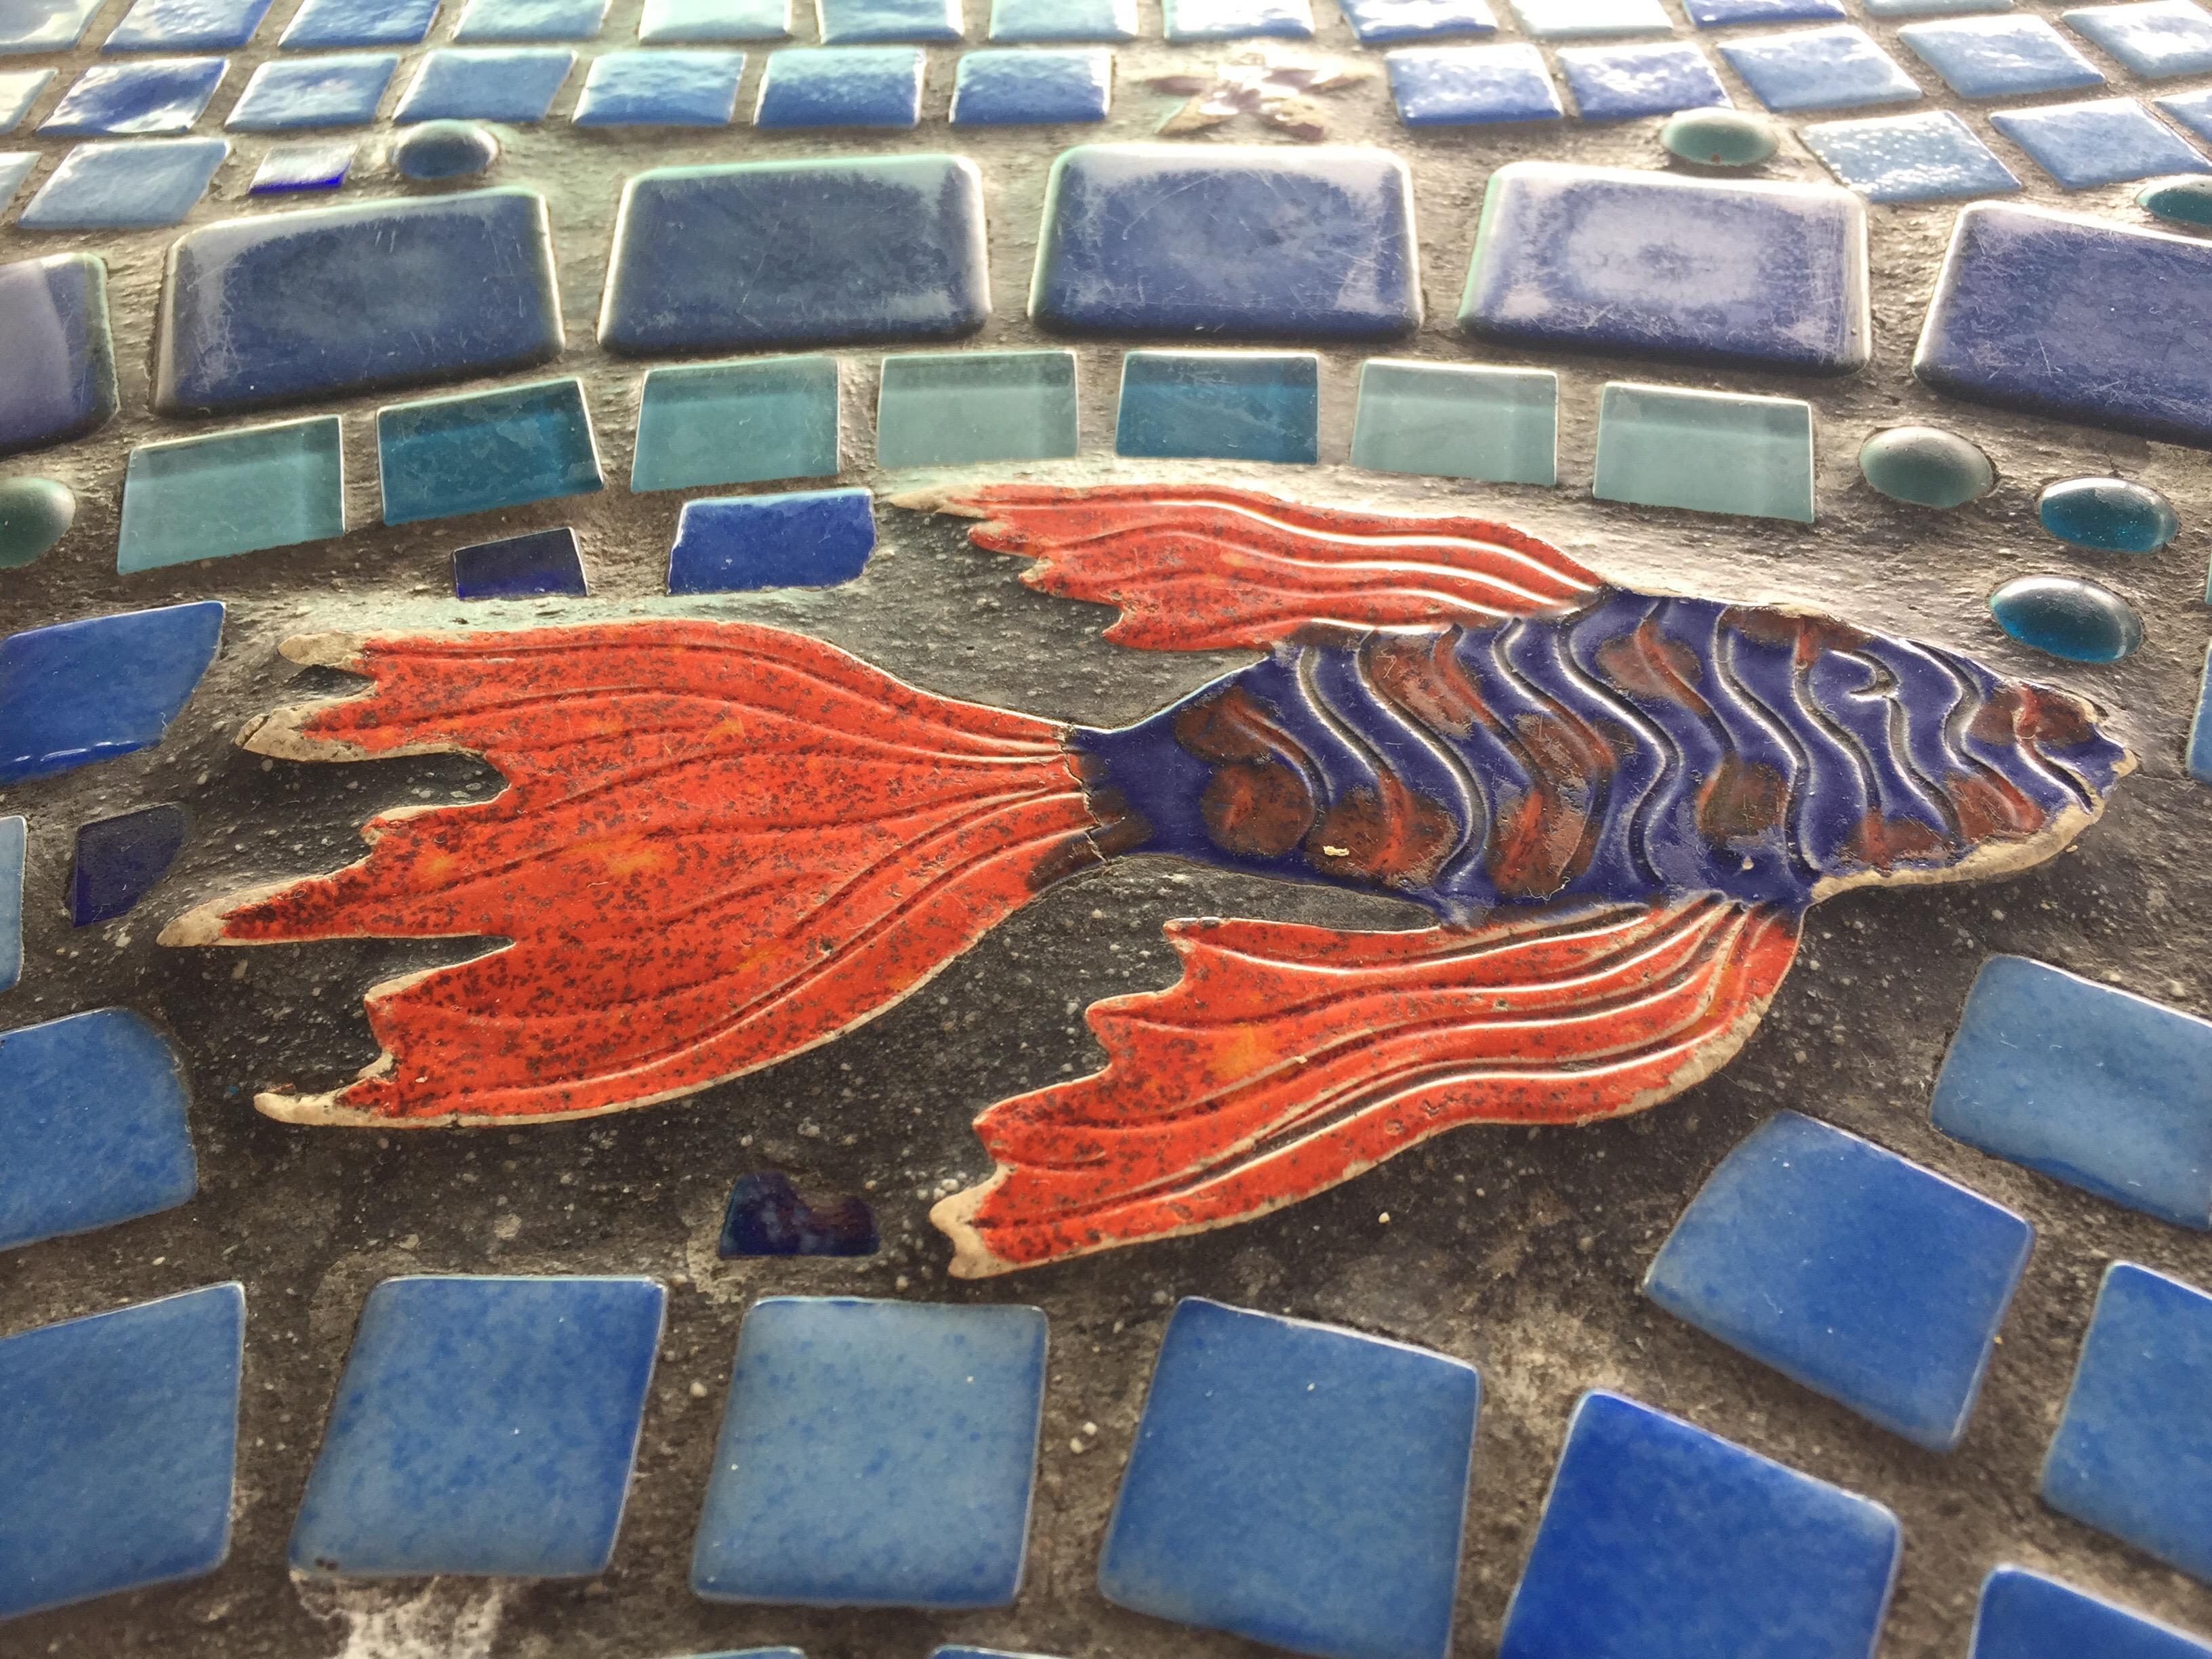 Cool mosaic bar at Off the Wall